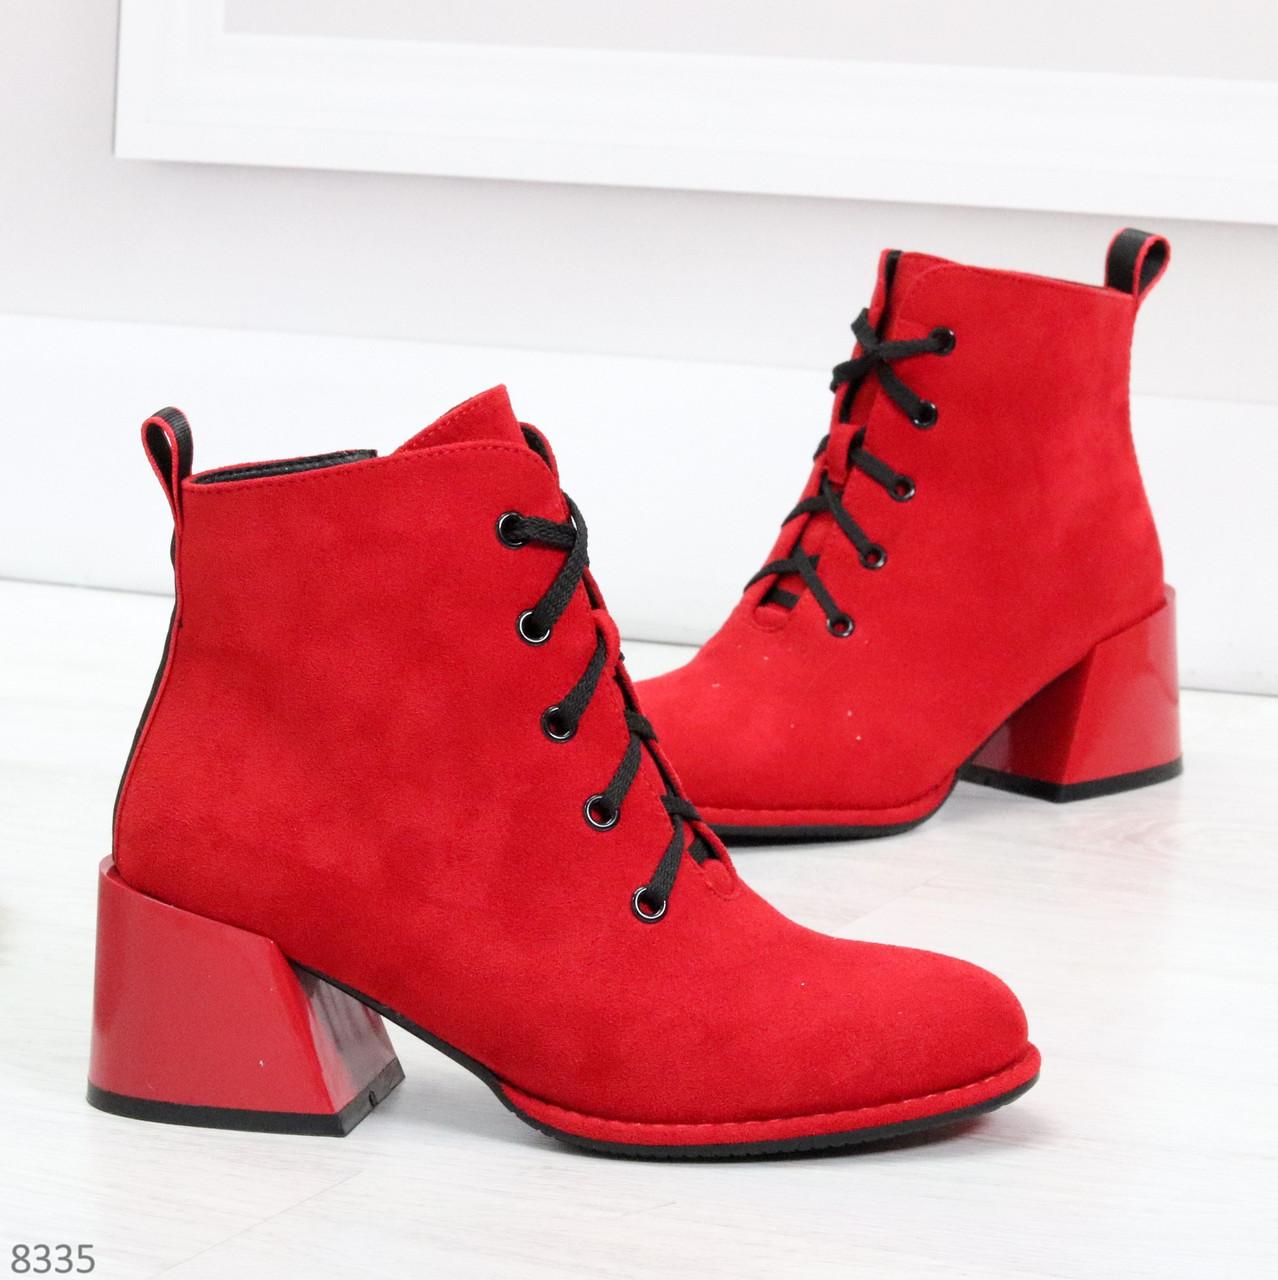 Эффектные красные замшевые женские ботинки ботильоны на удобном каблуке